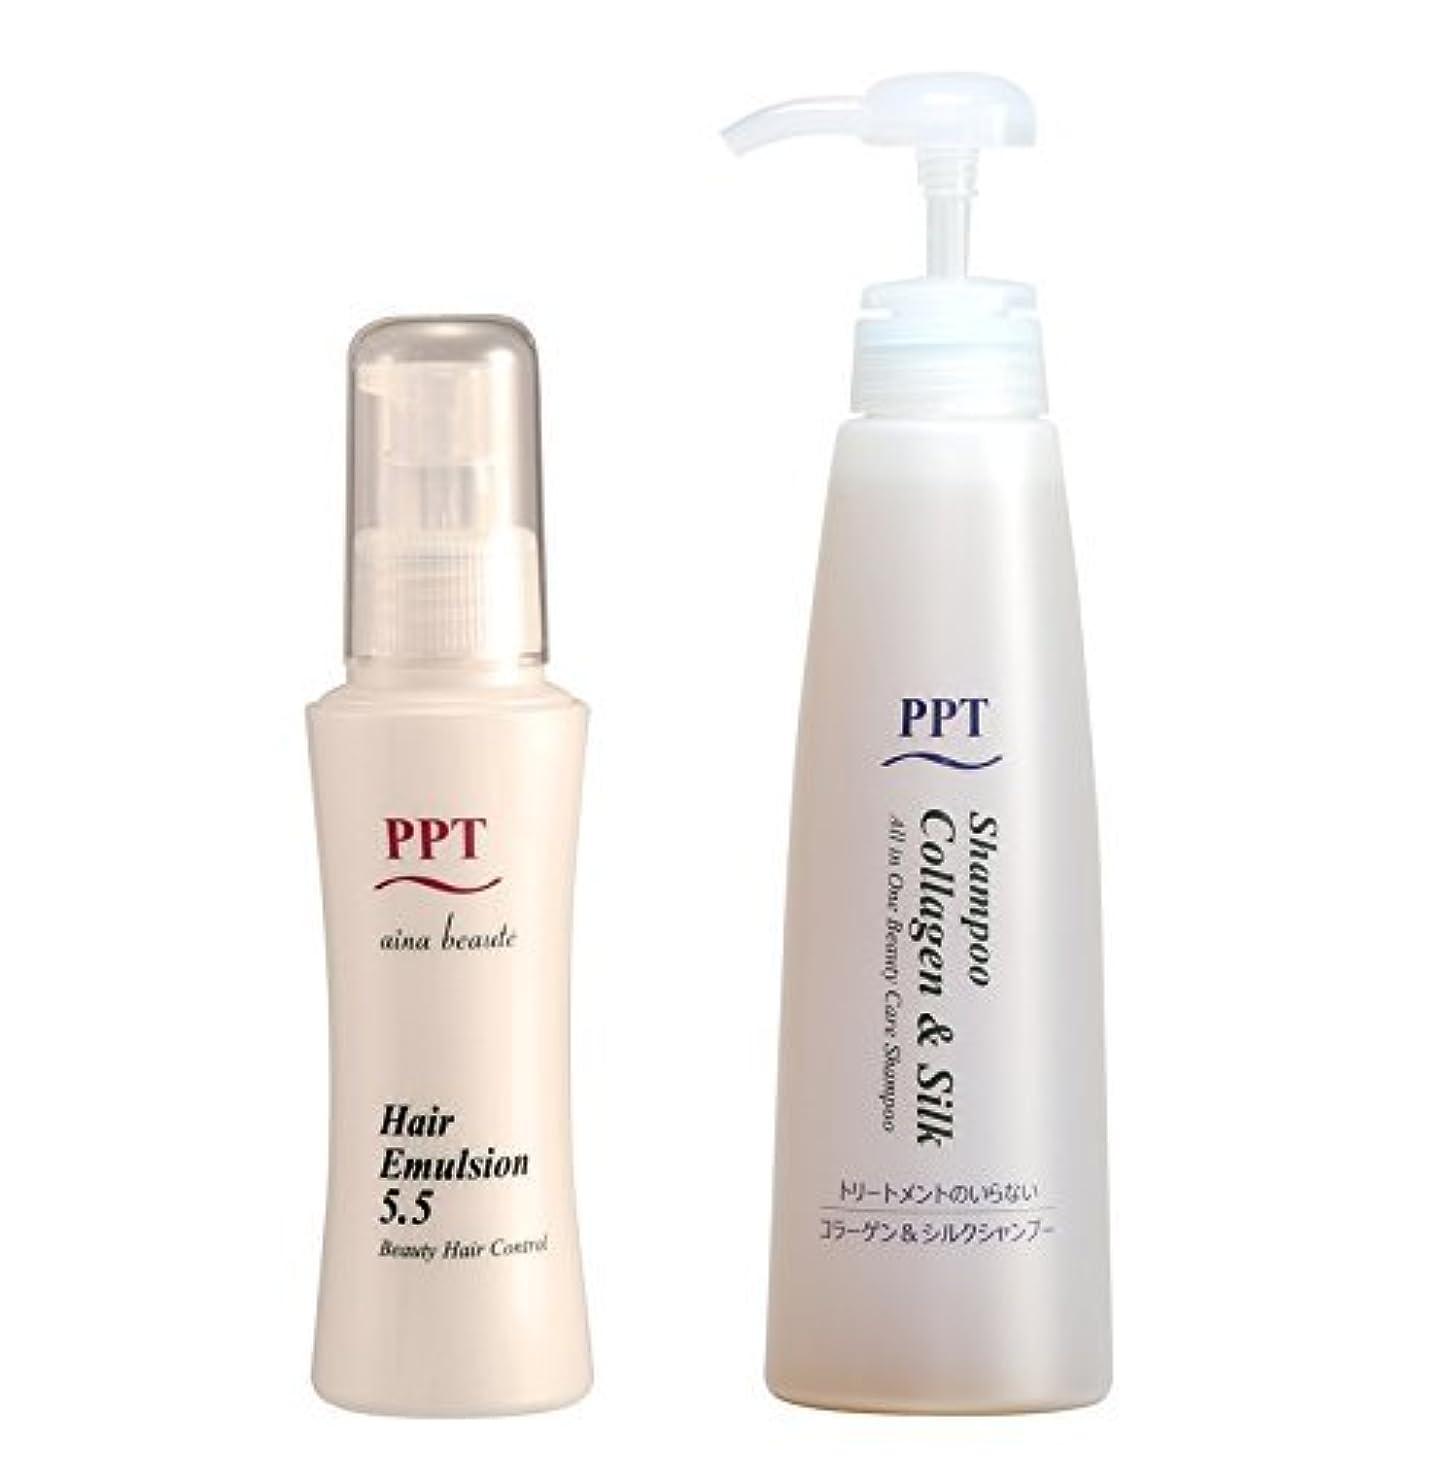 トリートメント不要 PPTコラーゲン&シルクシャンプー脂性肌~普通肌用(ふんわり)、PPTヘアエマルジョン5.5セット